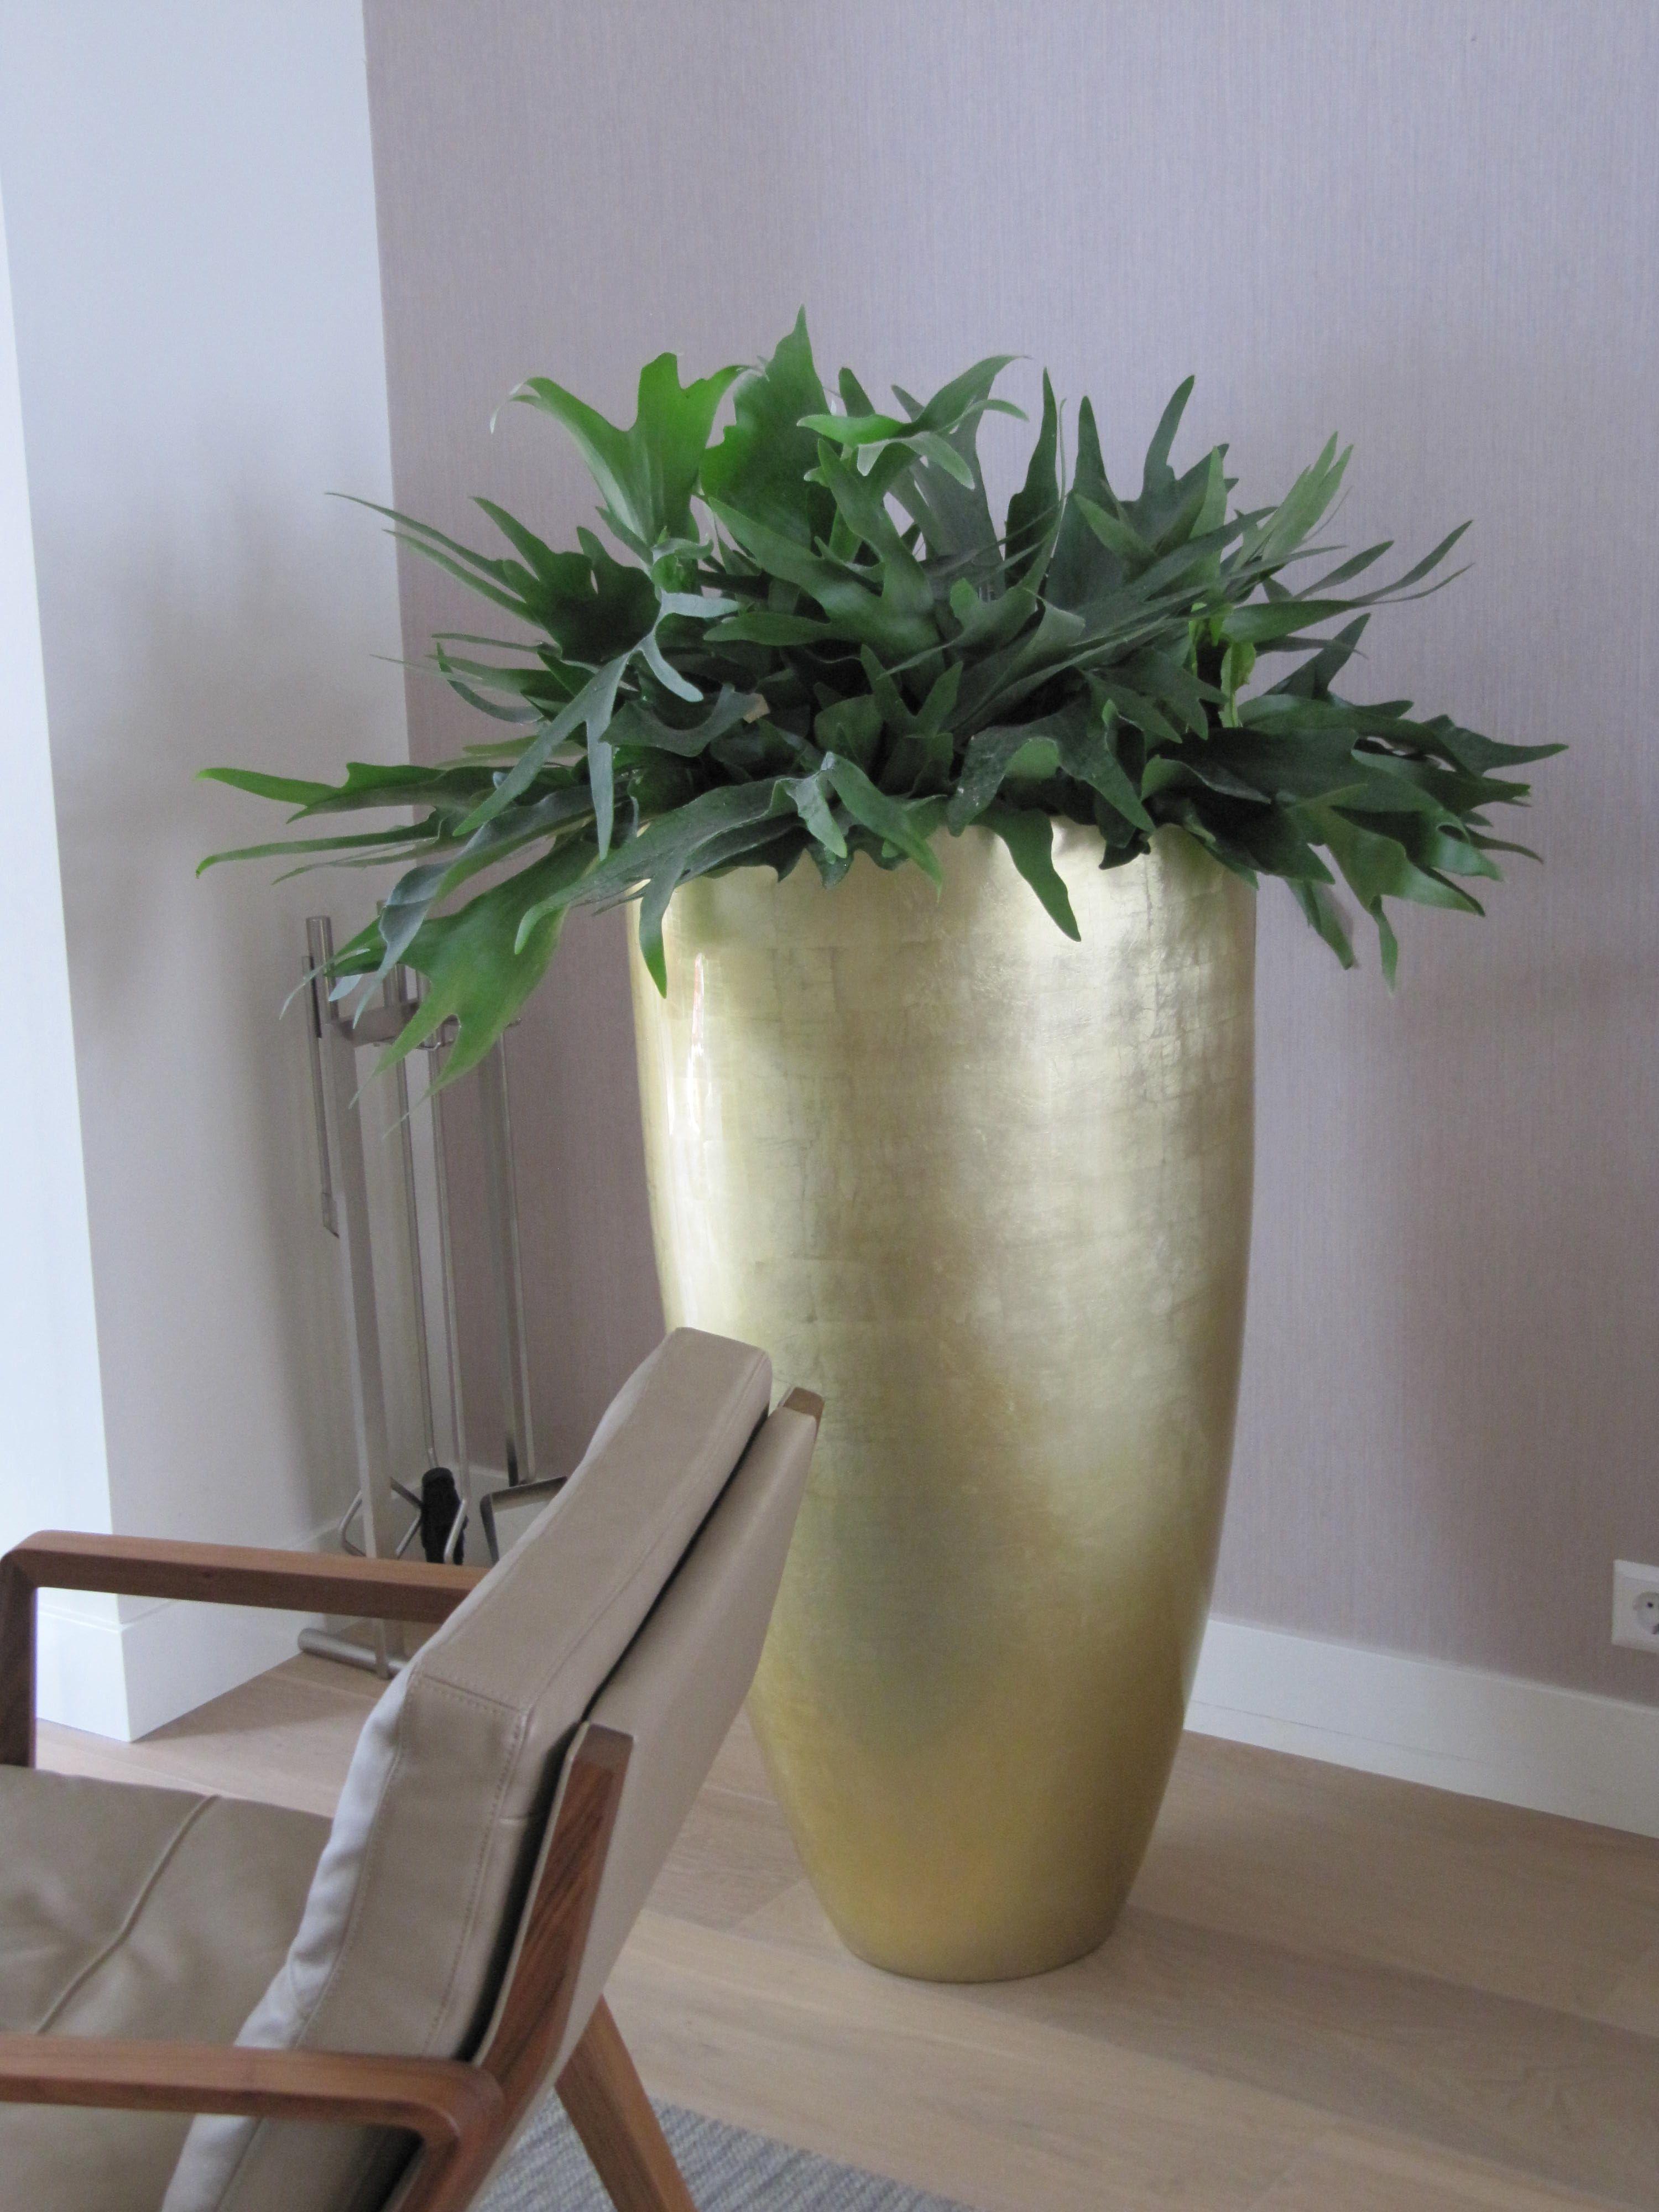 Afbeeldingsresultaat voor plant hertshoorn